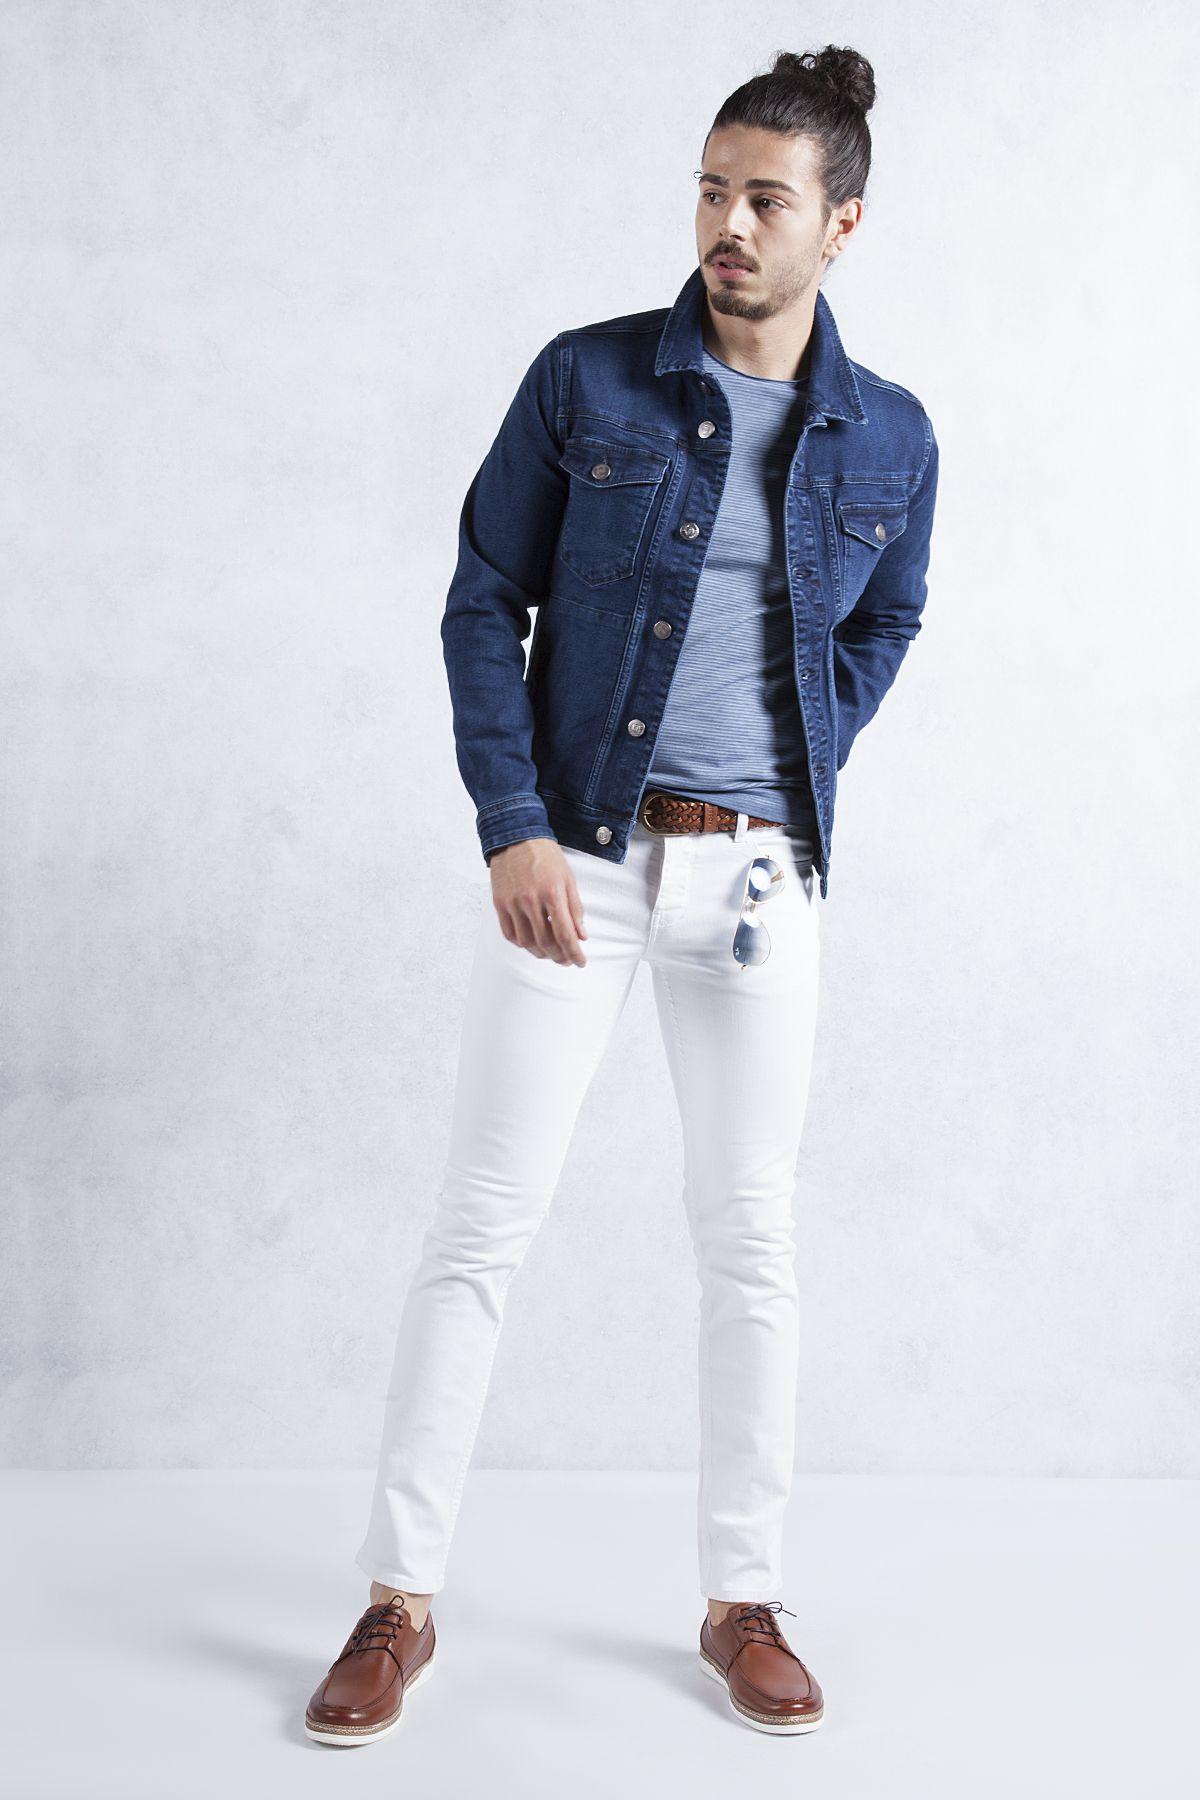 Mavi Kot Mont Beyaz Pantolon Kombini Beyaz Slim Fit Jean Ile Mavi Ve Kahverenginin Uyumunu Gozler Onune Seriyorum Beyaz Jean I Mavi Mont Kotlar Pantolon